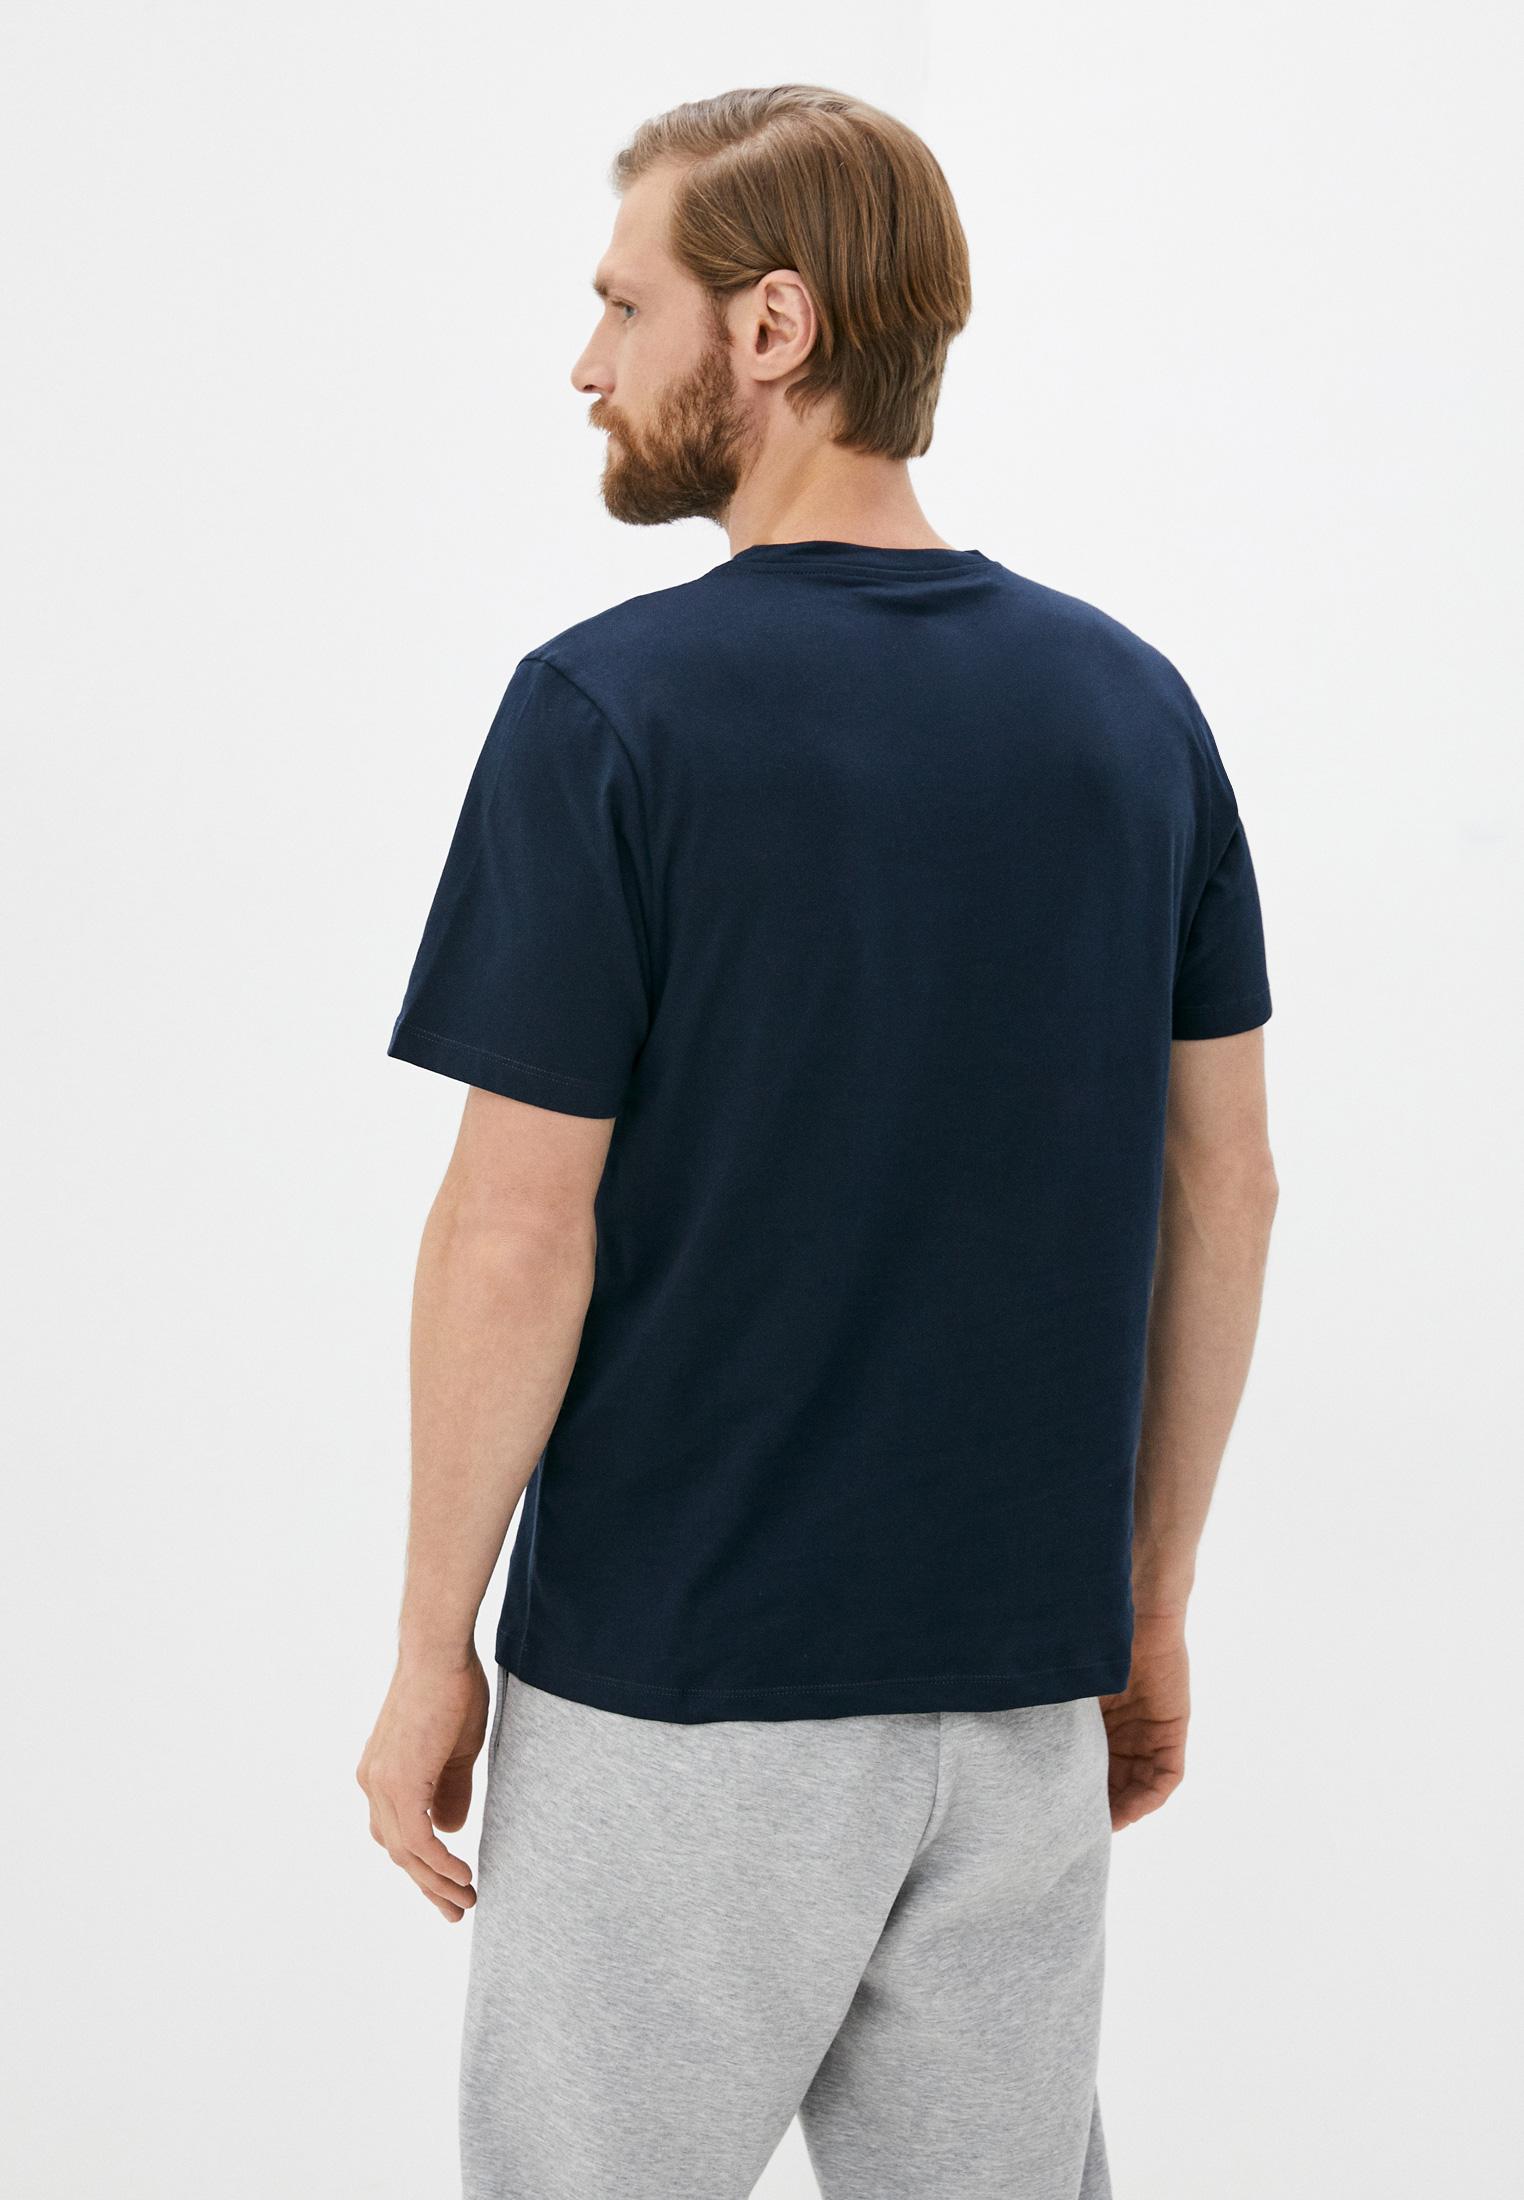 Мужская футболка Baldinini (Балдинини) TS04: изображение 4